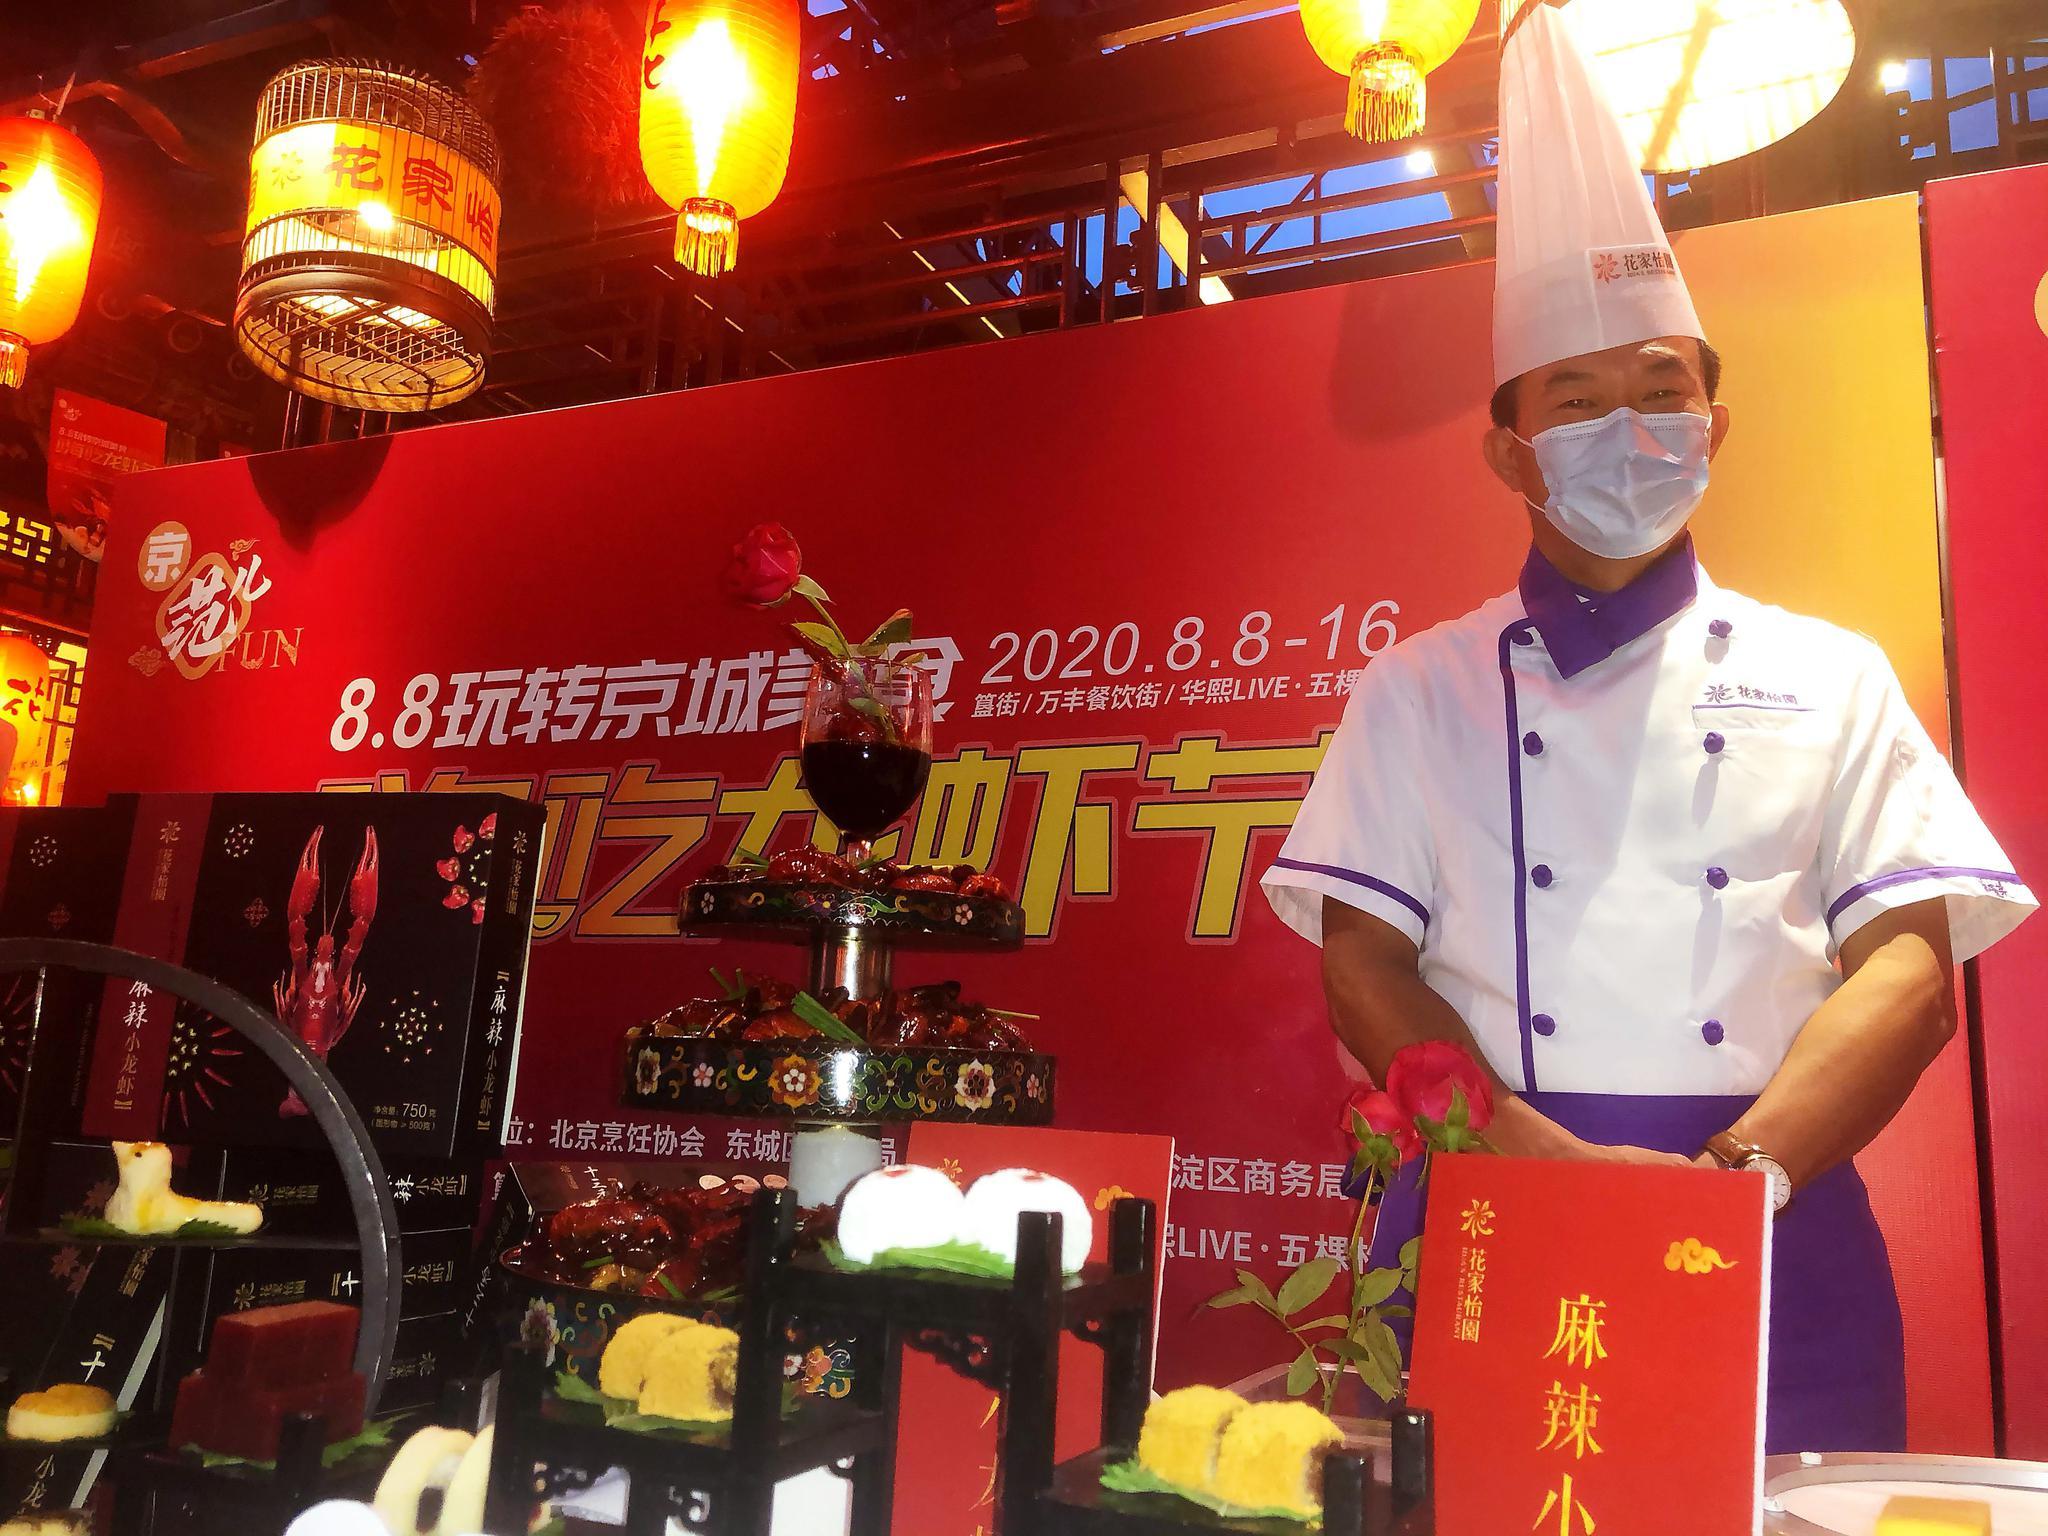 """北京嗨吃龙虾节启动,簋街恢复""""不夜街"""",周末客流过万"""